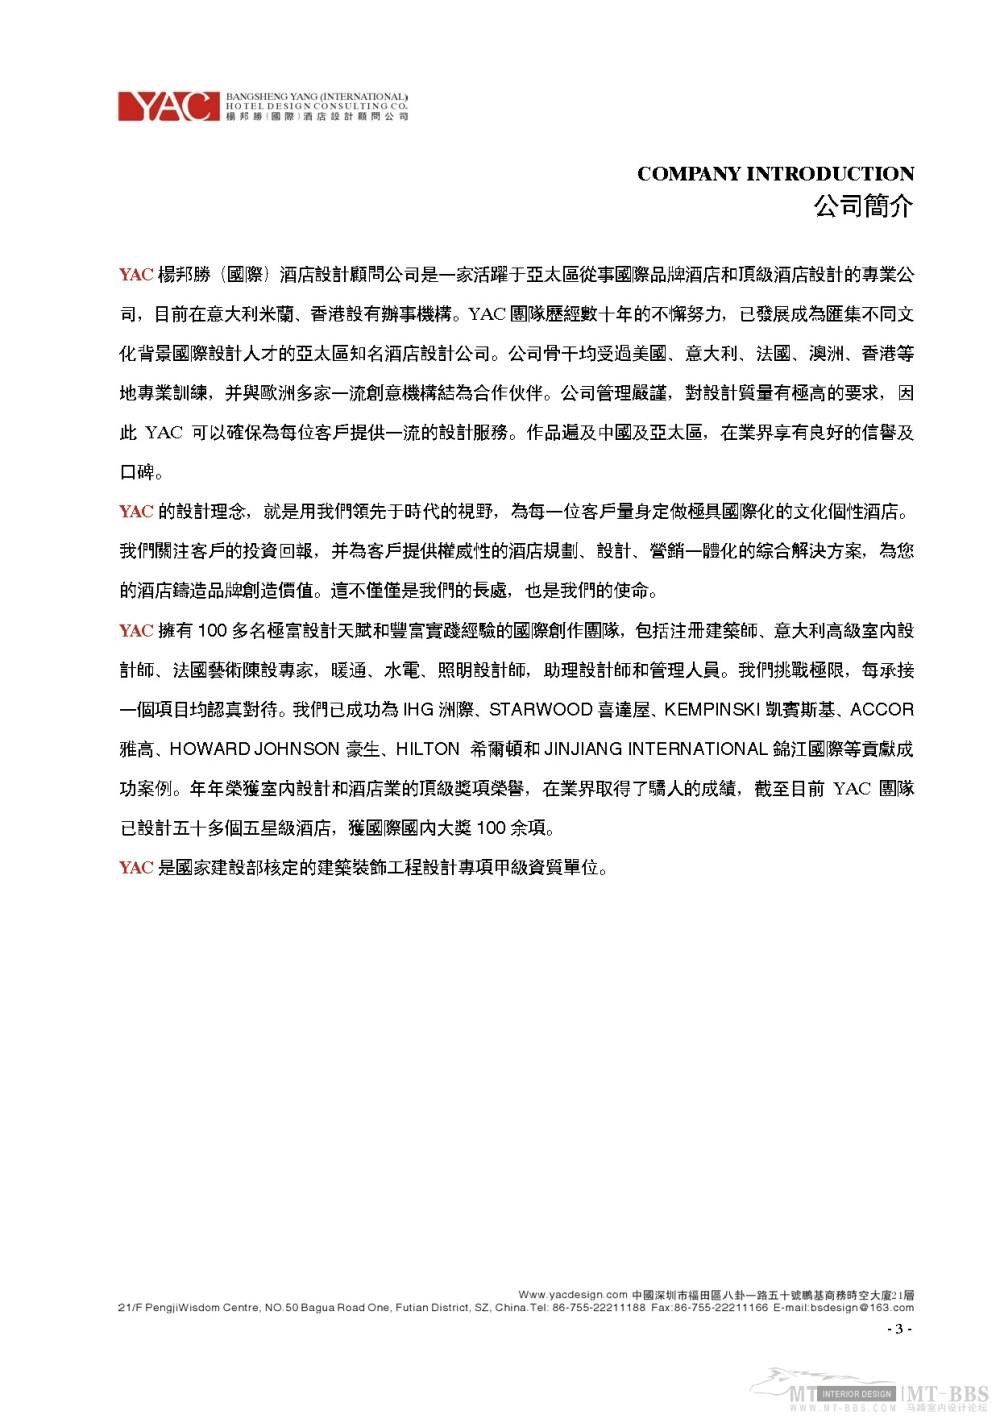 杨邦胜_2011.03.30YAC(国际)杨邦胜酒店设计顾问公司简介_页面_03.jpg